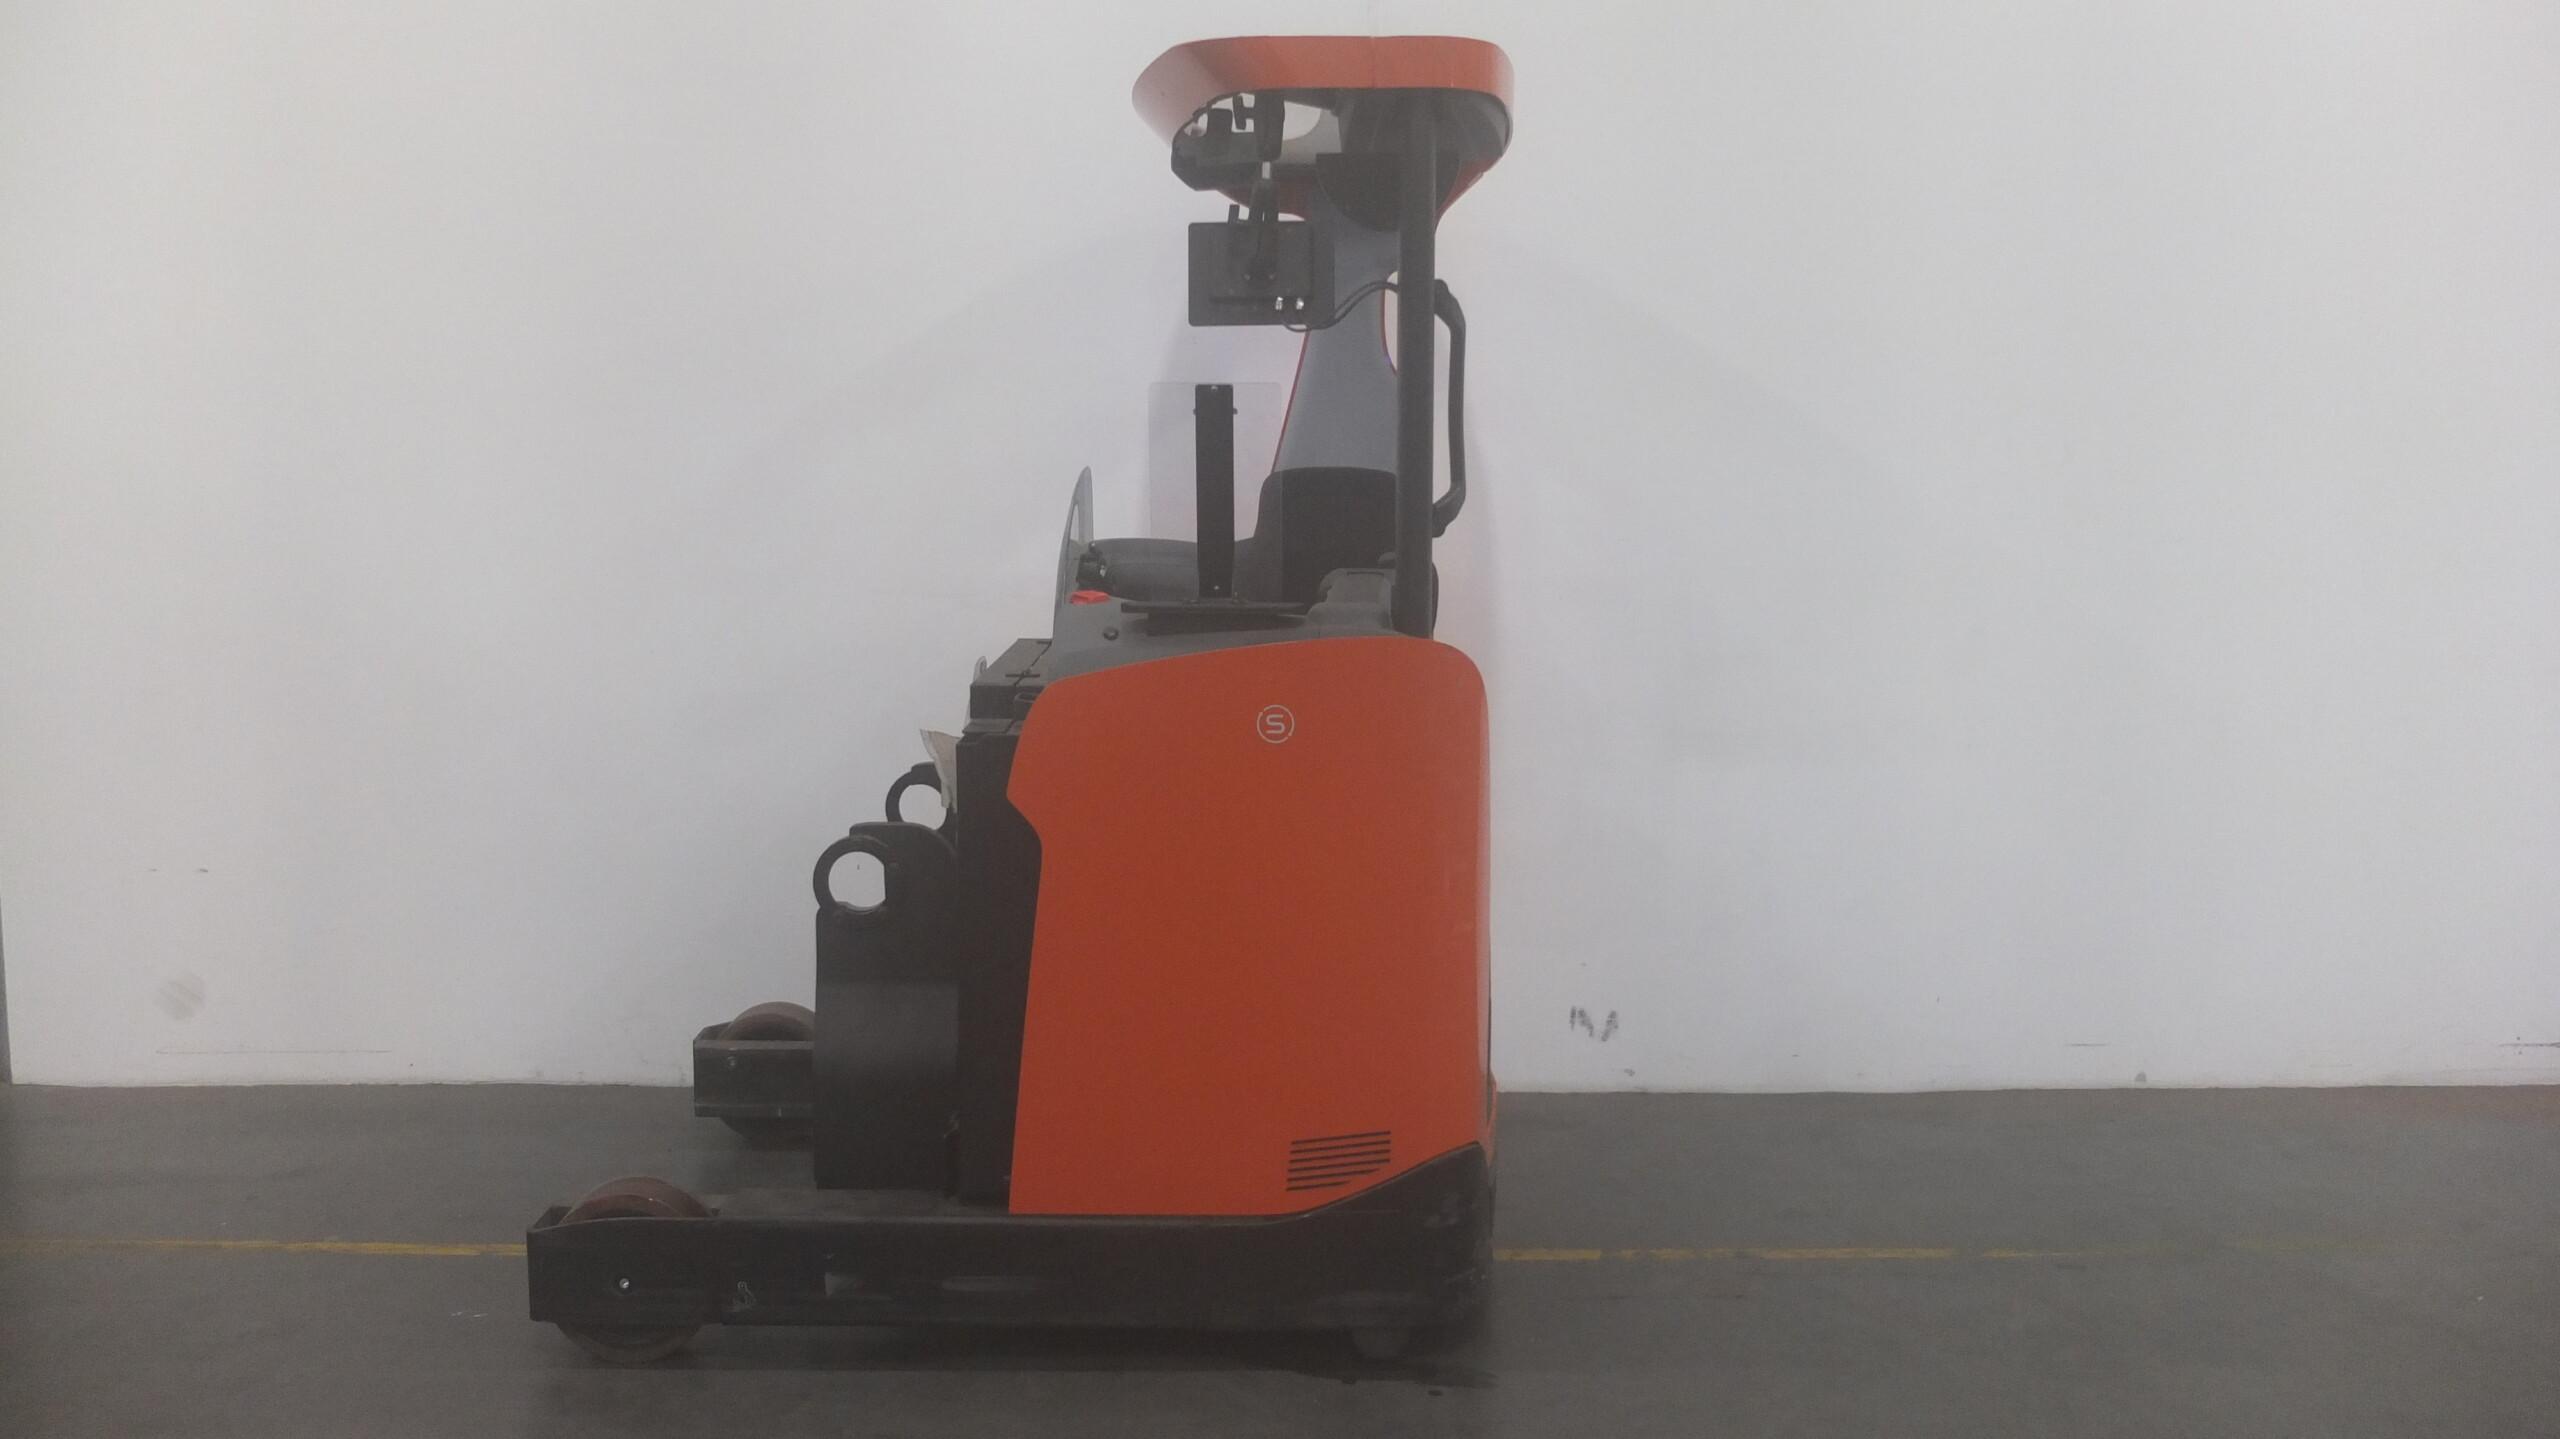 Toyota-Gabelstapler-59840 1910007663 1 31 scaled